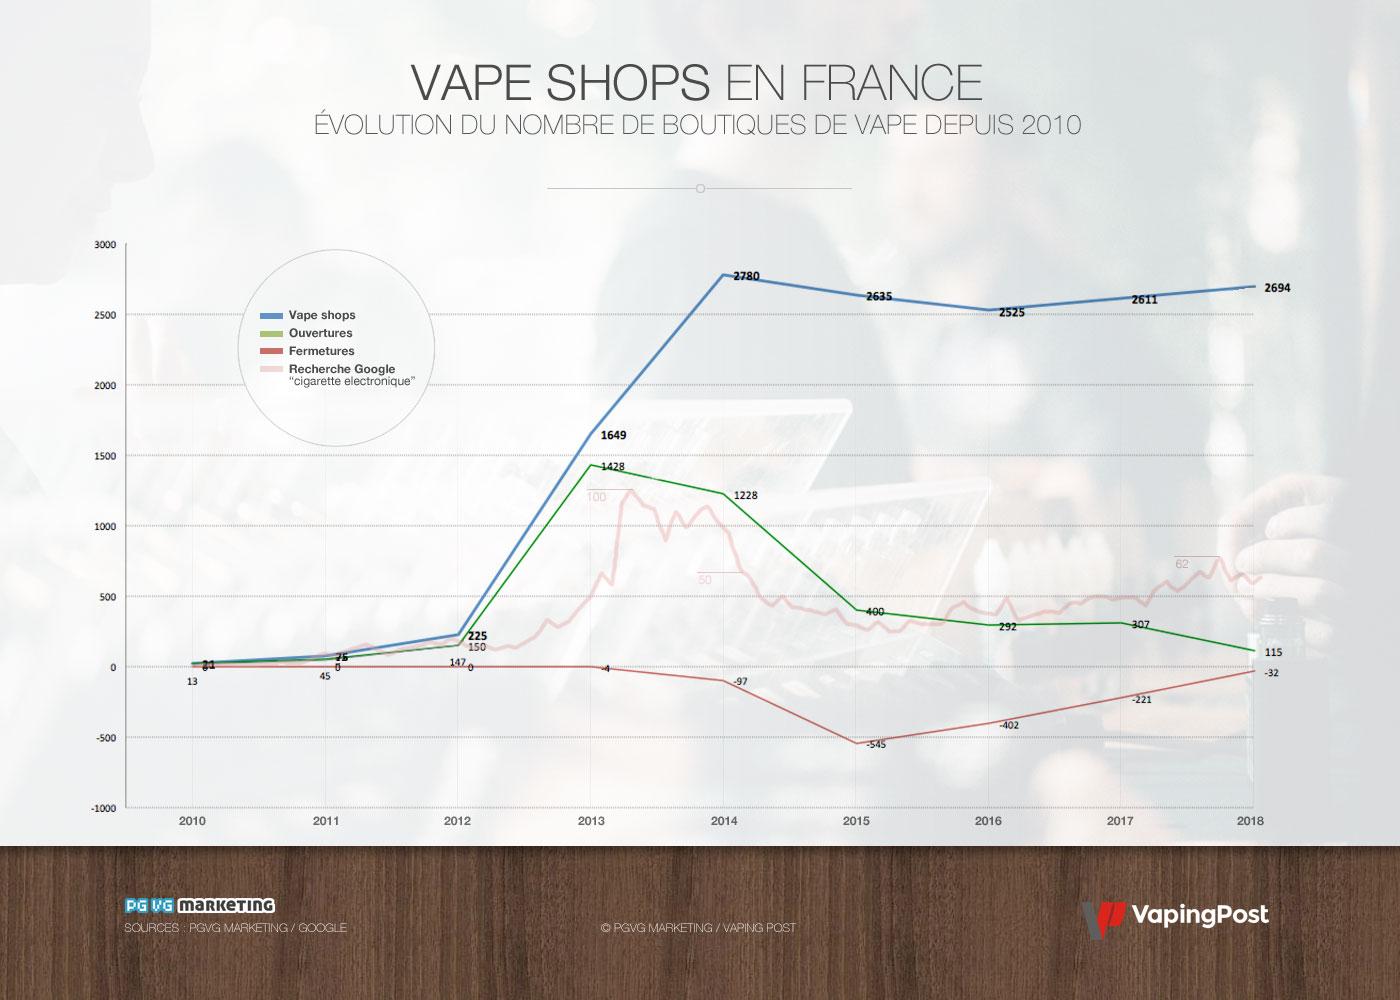 Évolution des boutiques de vape en France depuis 2010